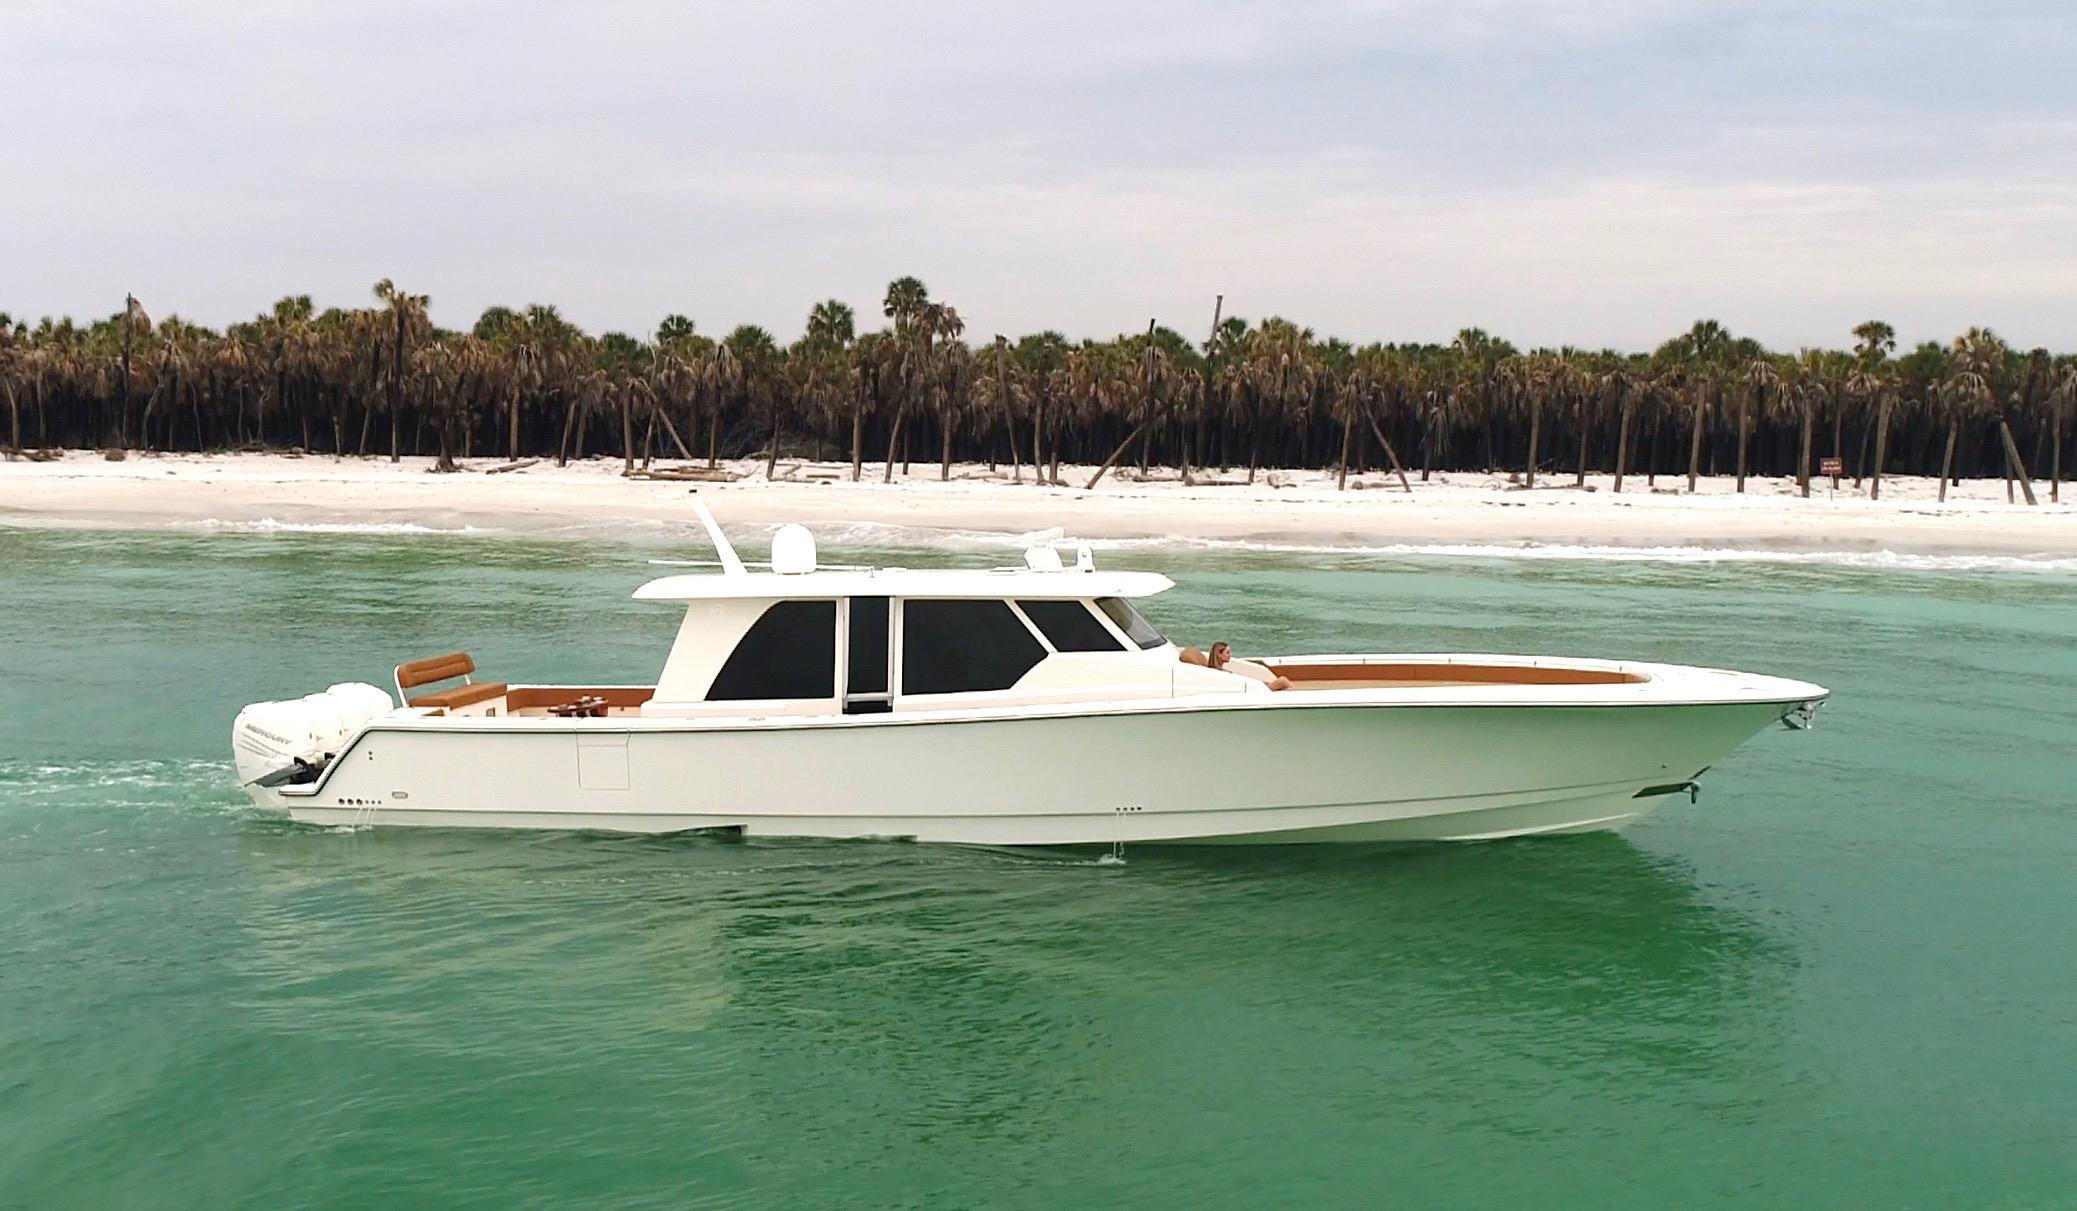 gulfstream yachts 52 white full profile.